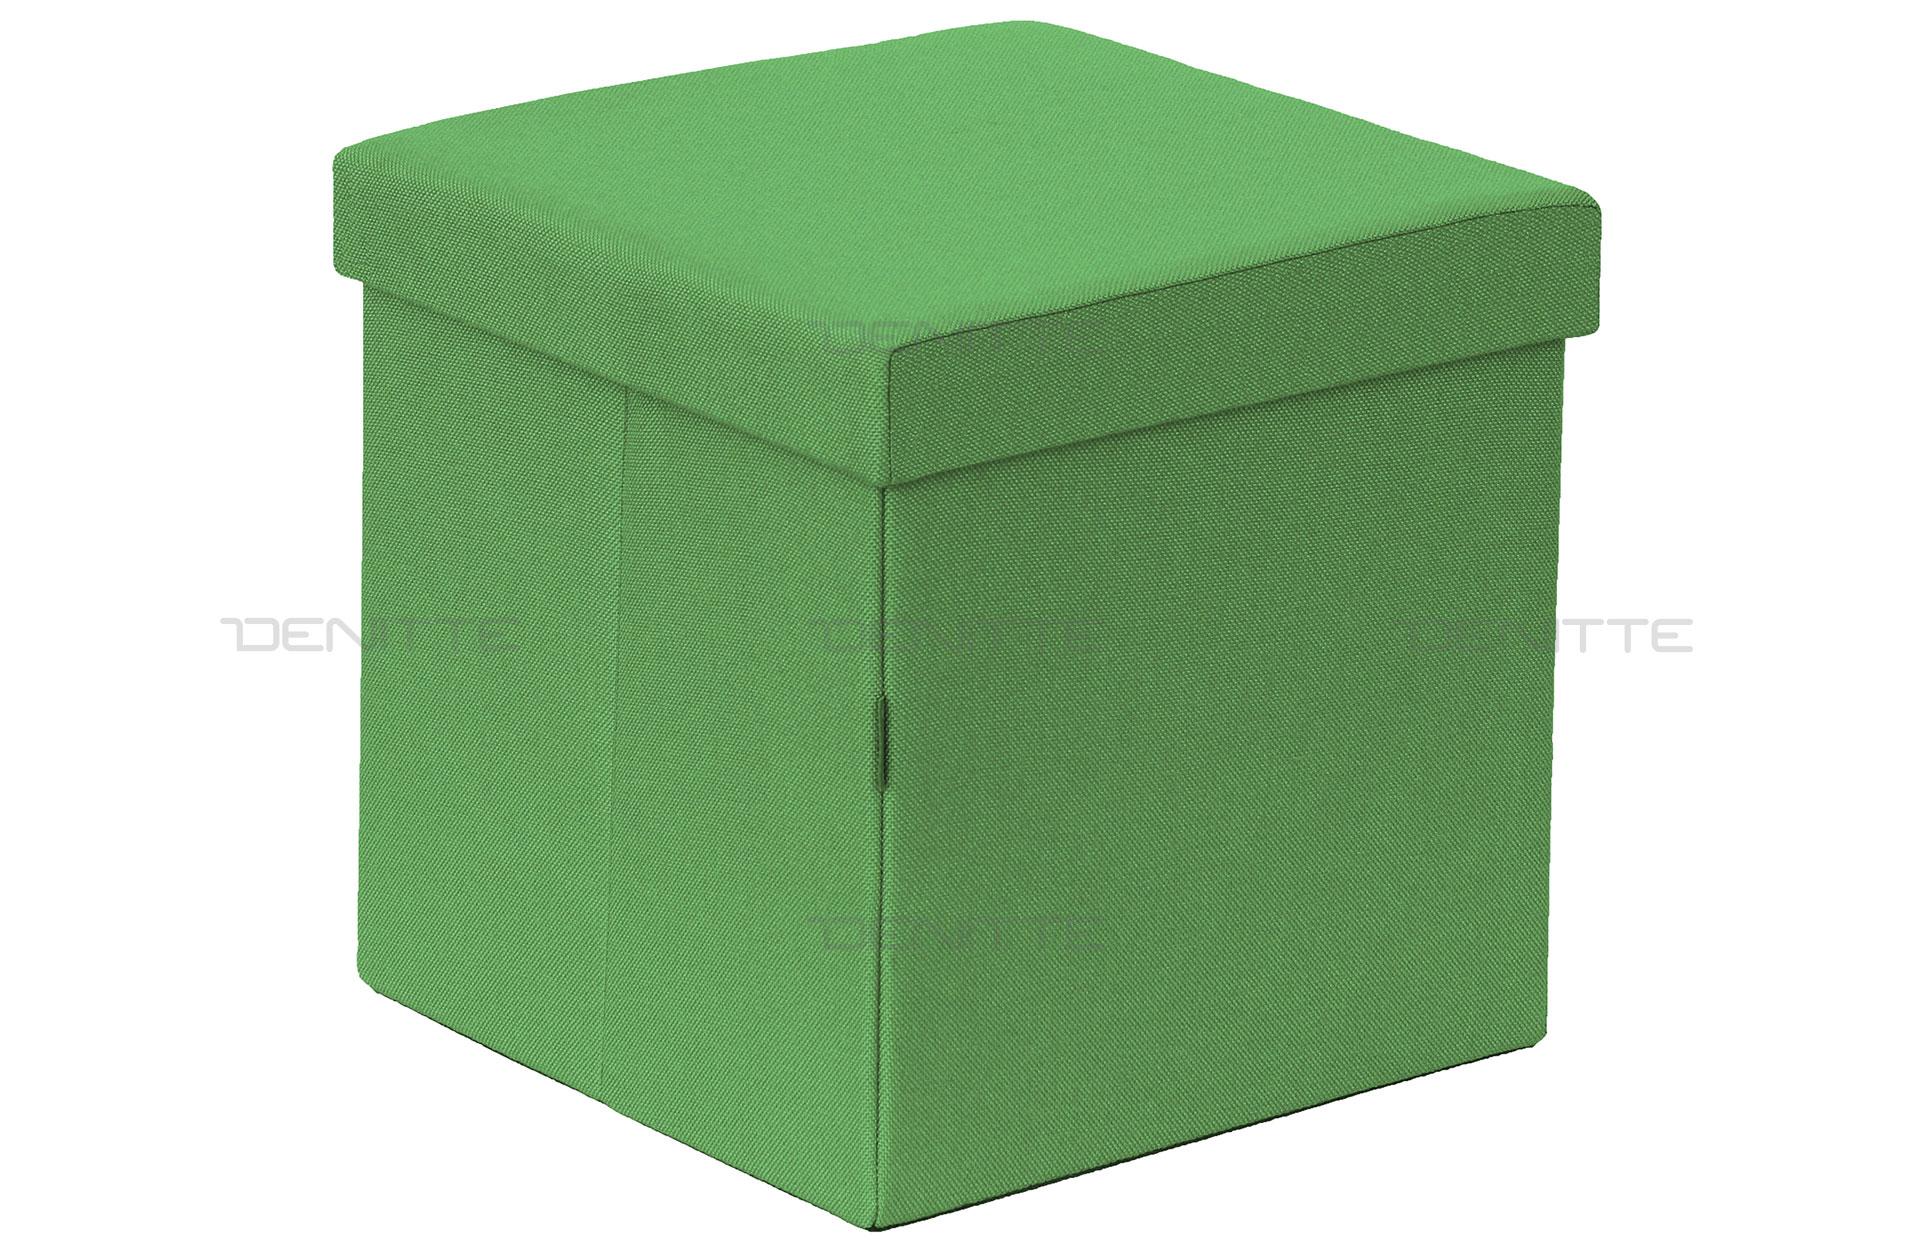 پاف سبز